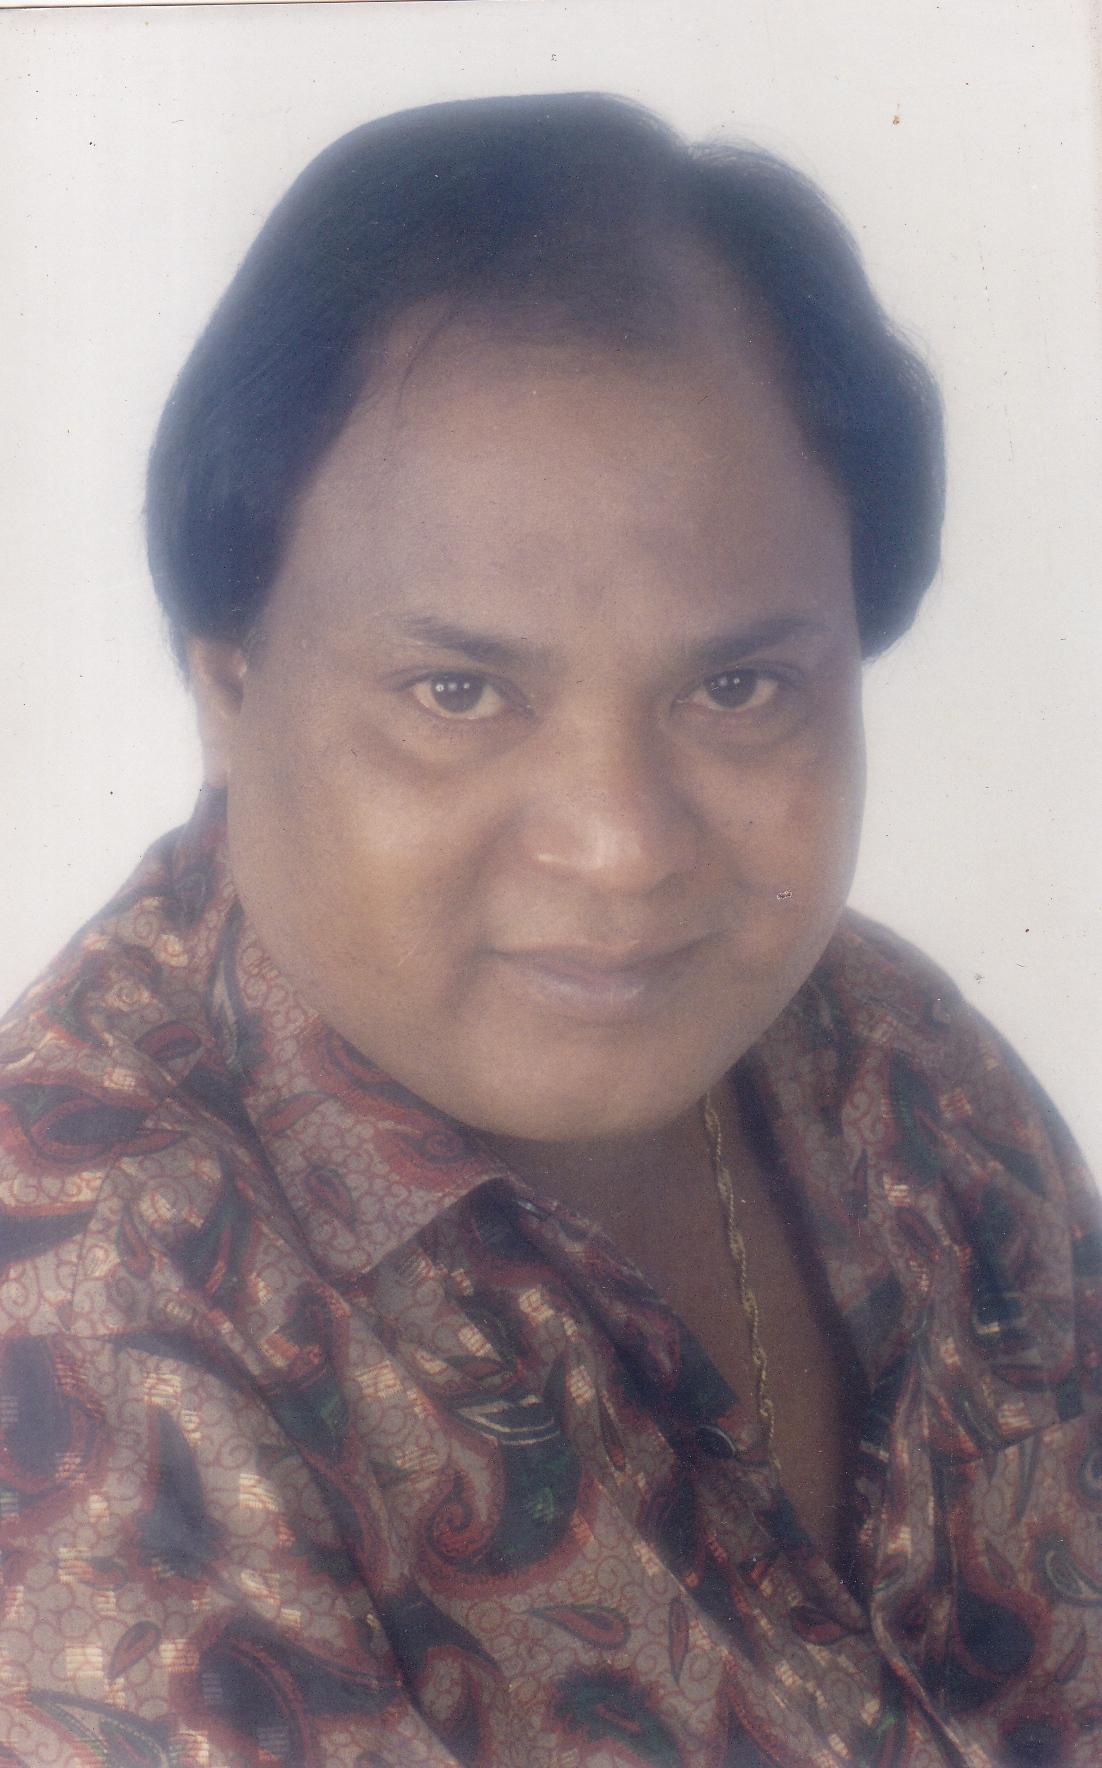 Singer Mohammad Aziz